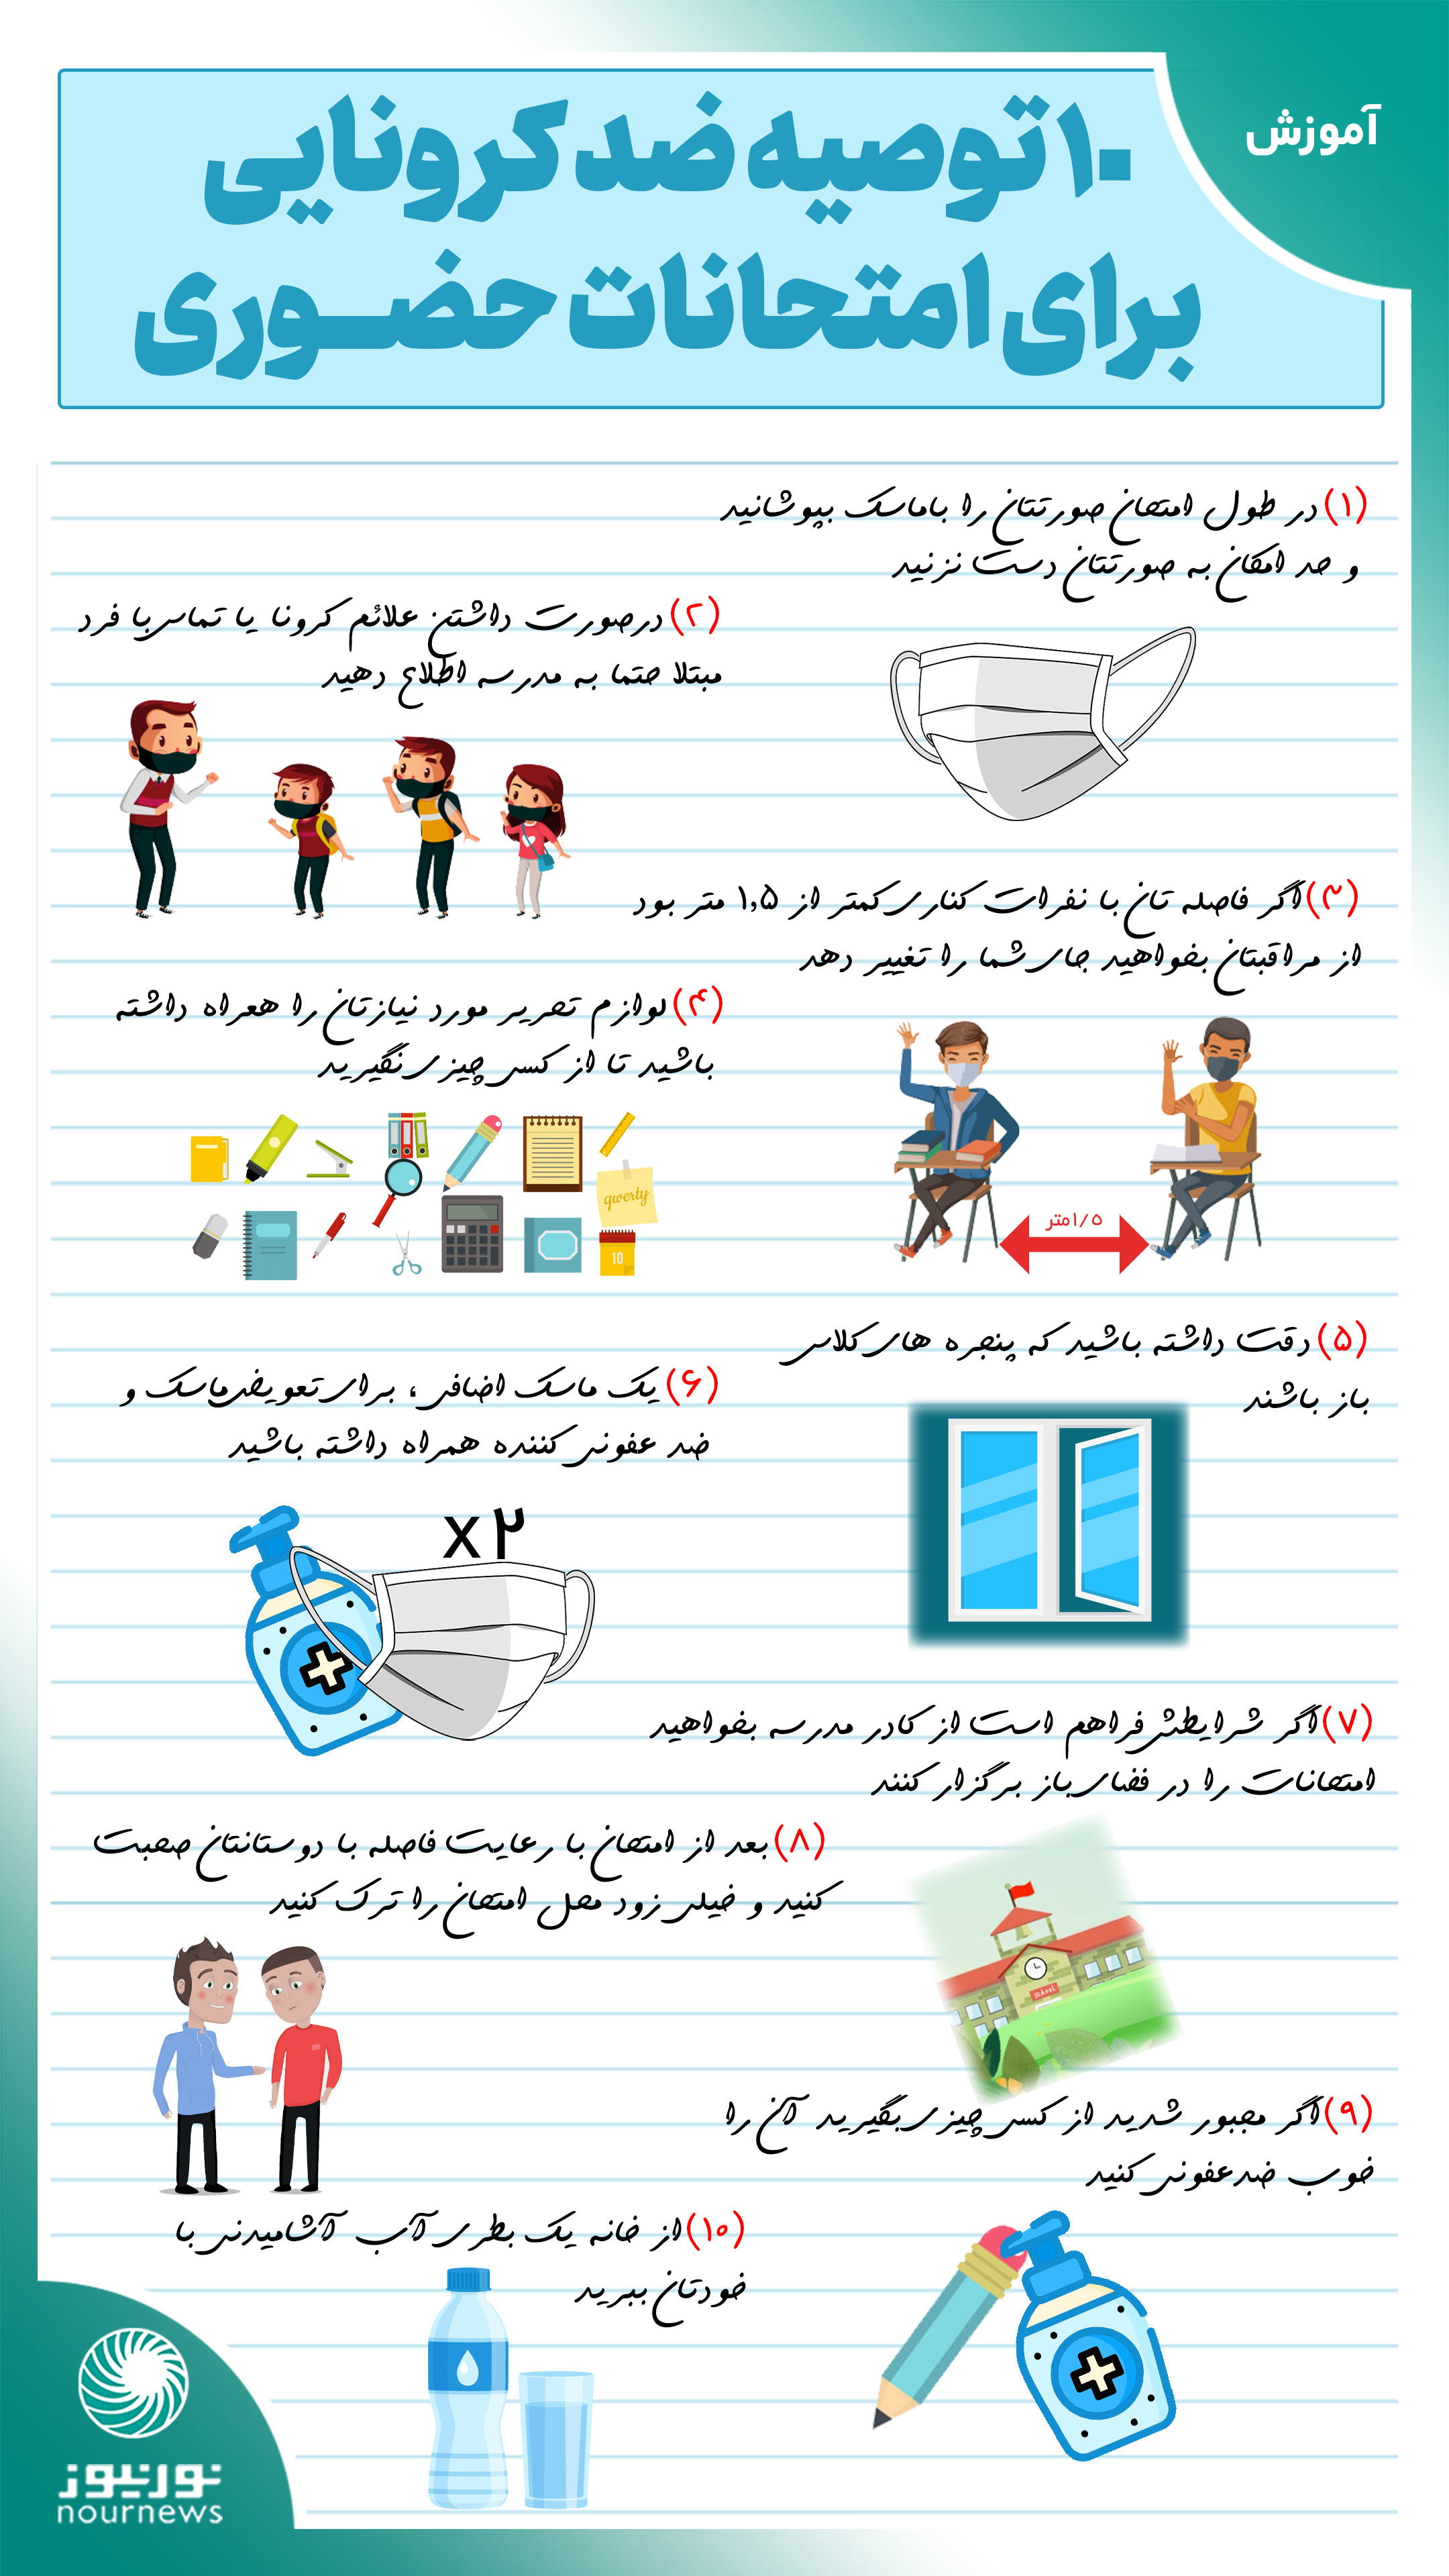 اینفوگرافی: 10 توصیه ضد کرونایی برای امتحانات حضوری